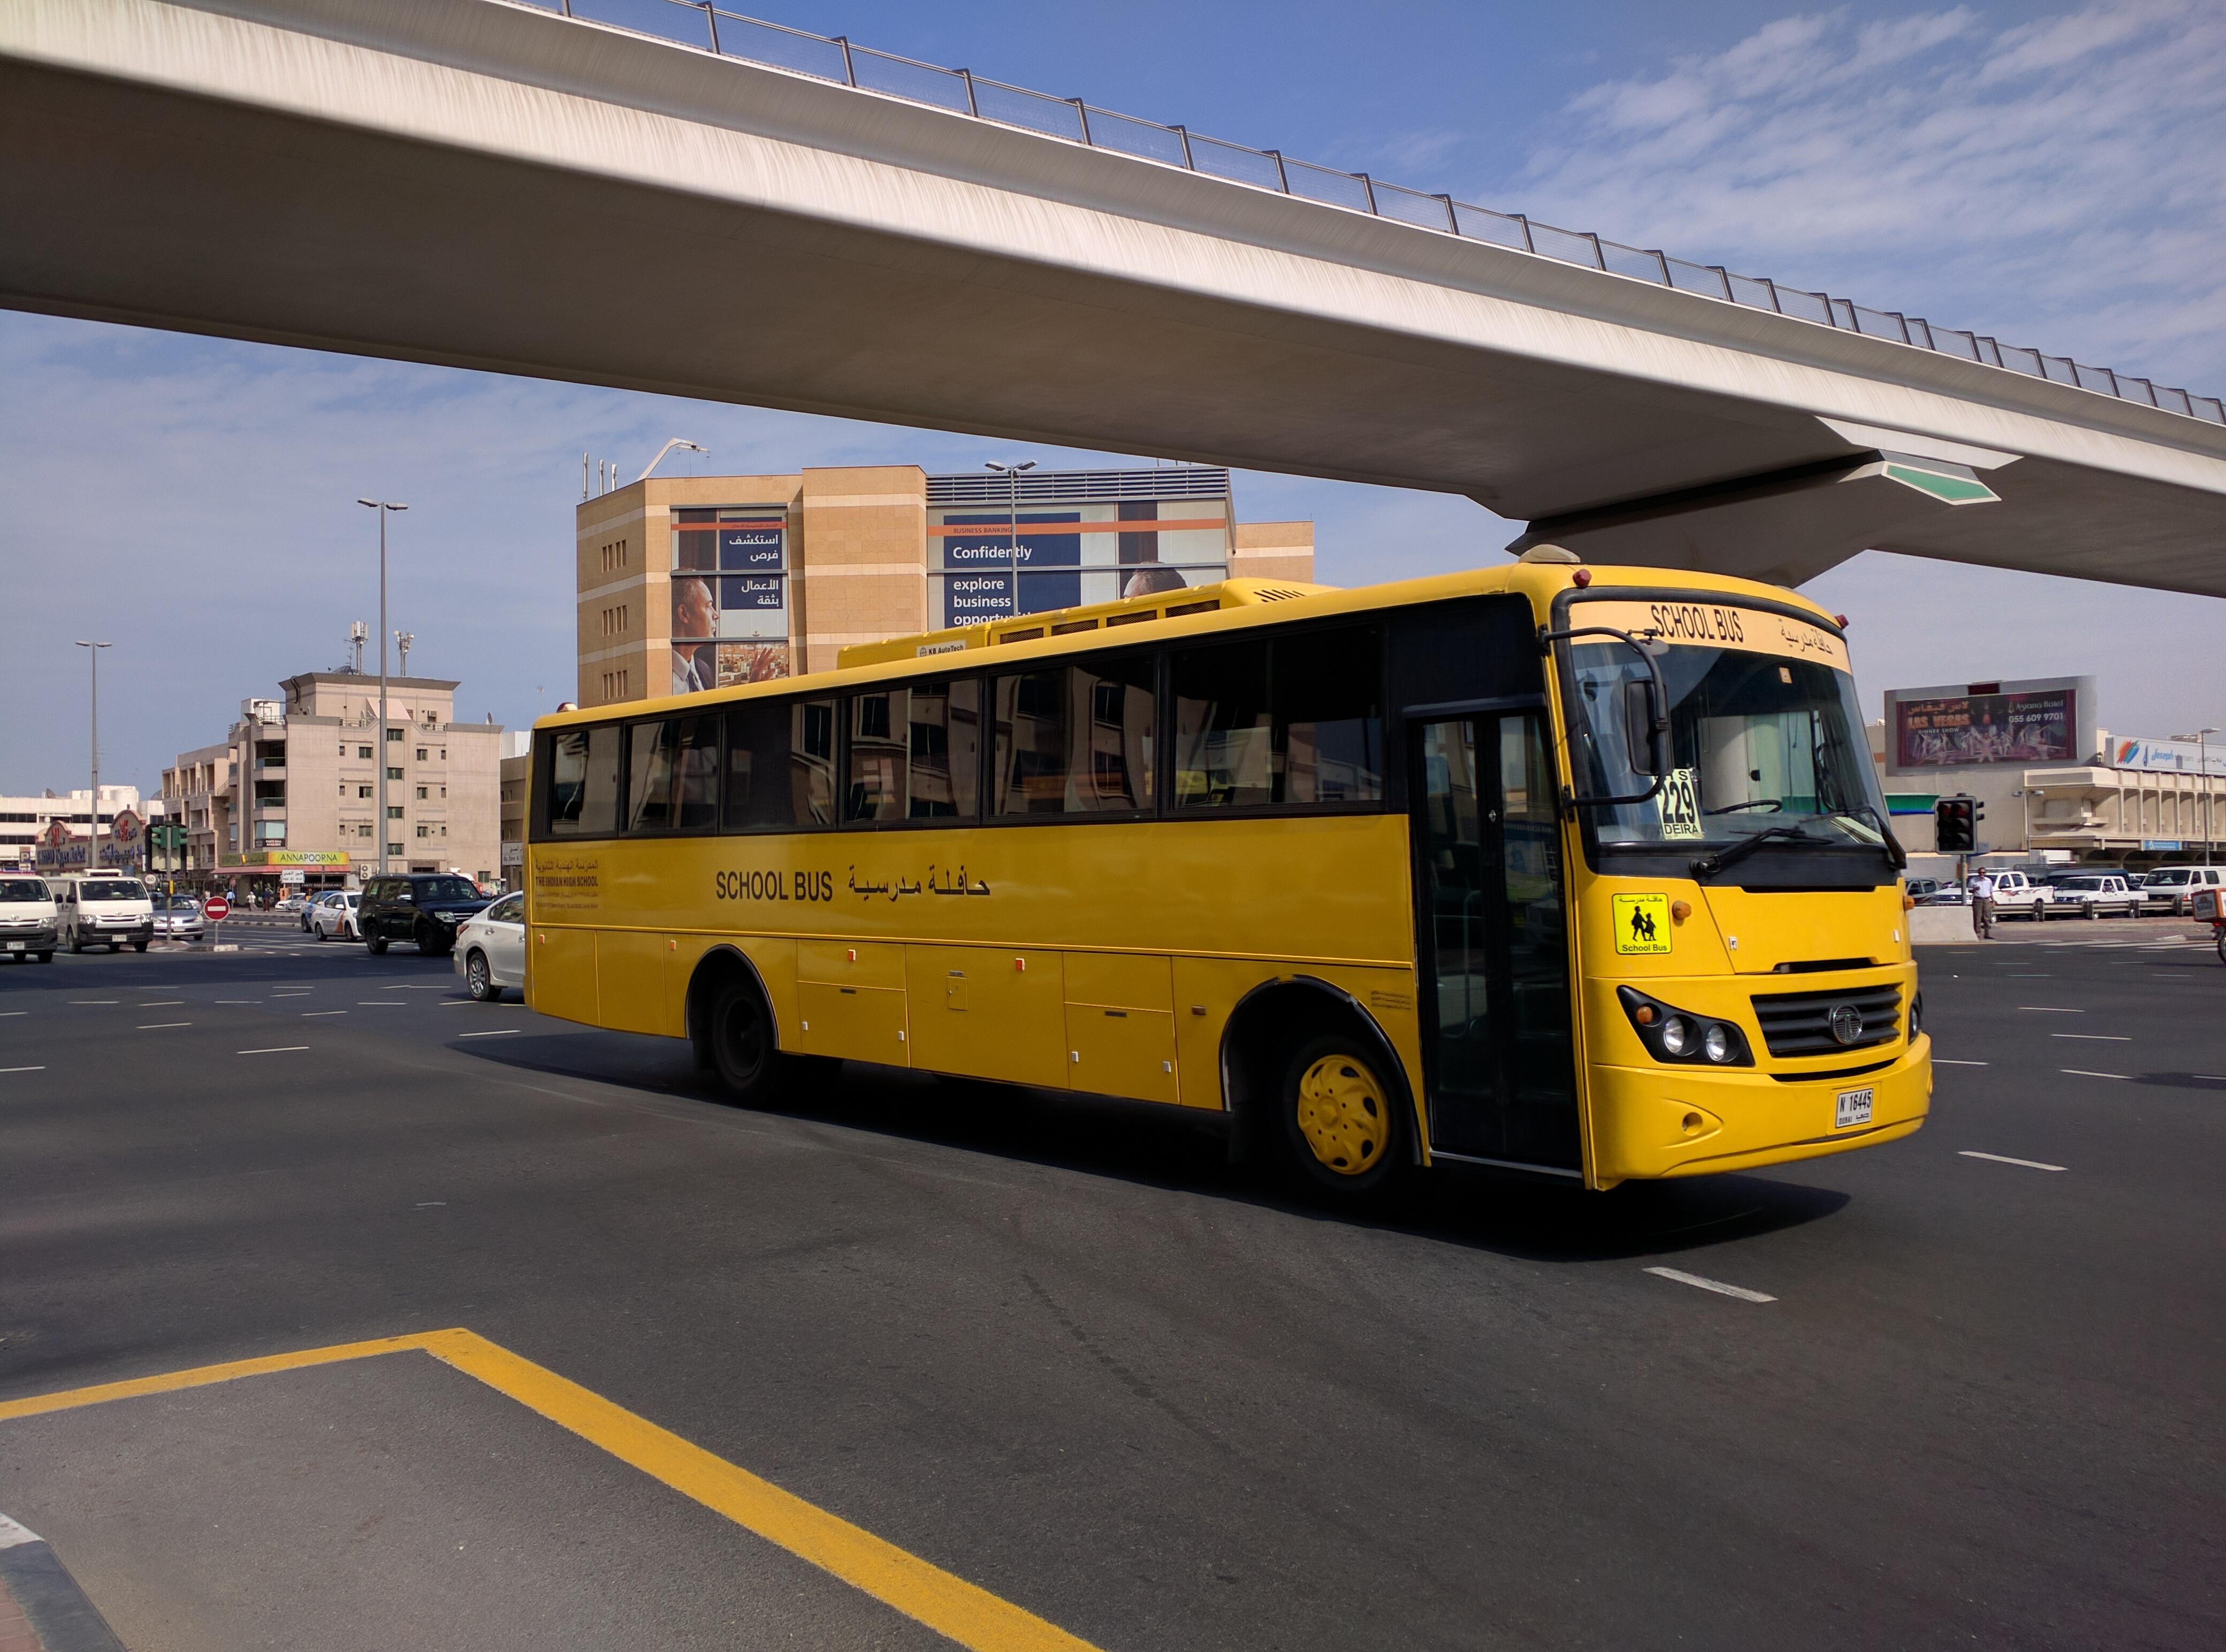 «Арабская жемчужина» или как мы удивлялись дорогам и транспорту в Дубае 1